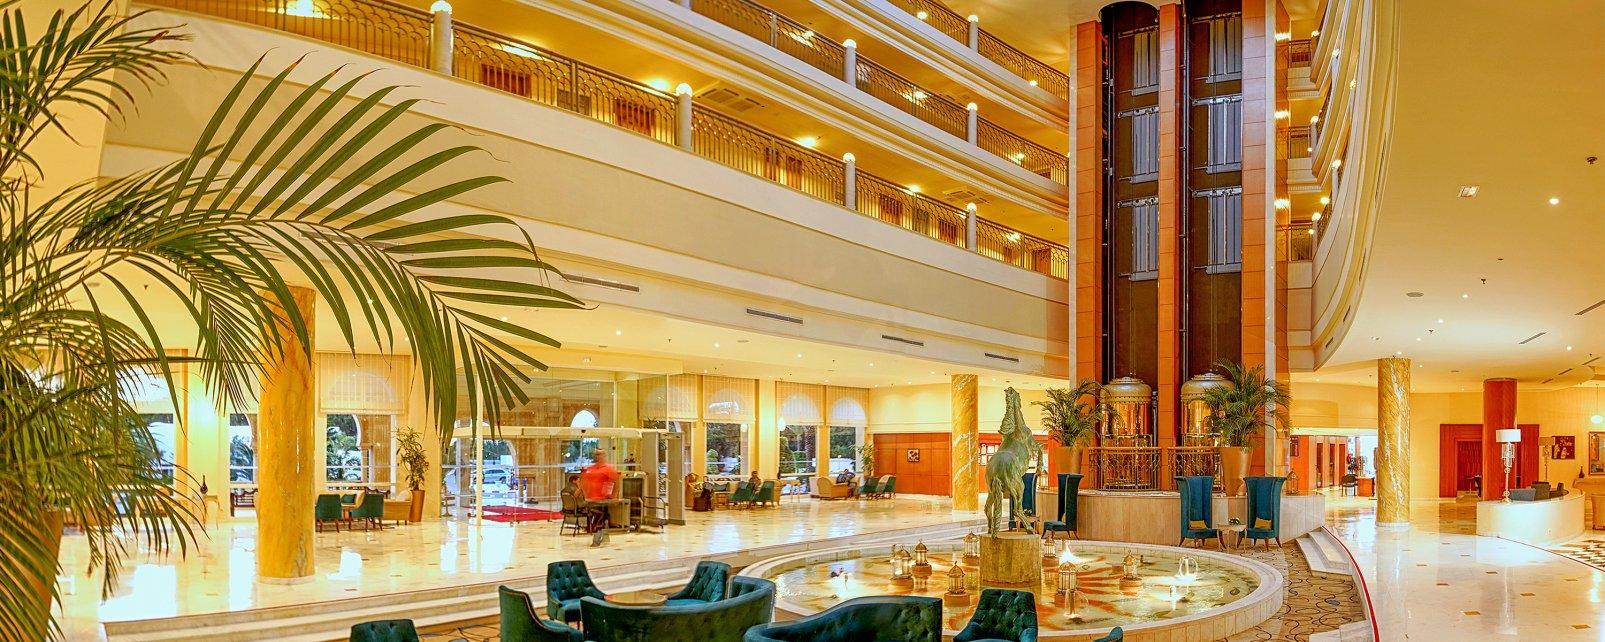 Hôtel Steigenberger Marhaba Thalasso